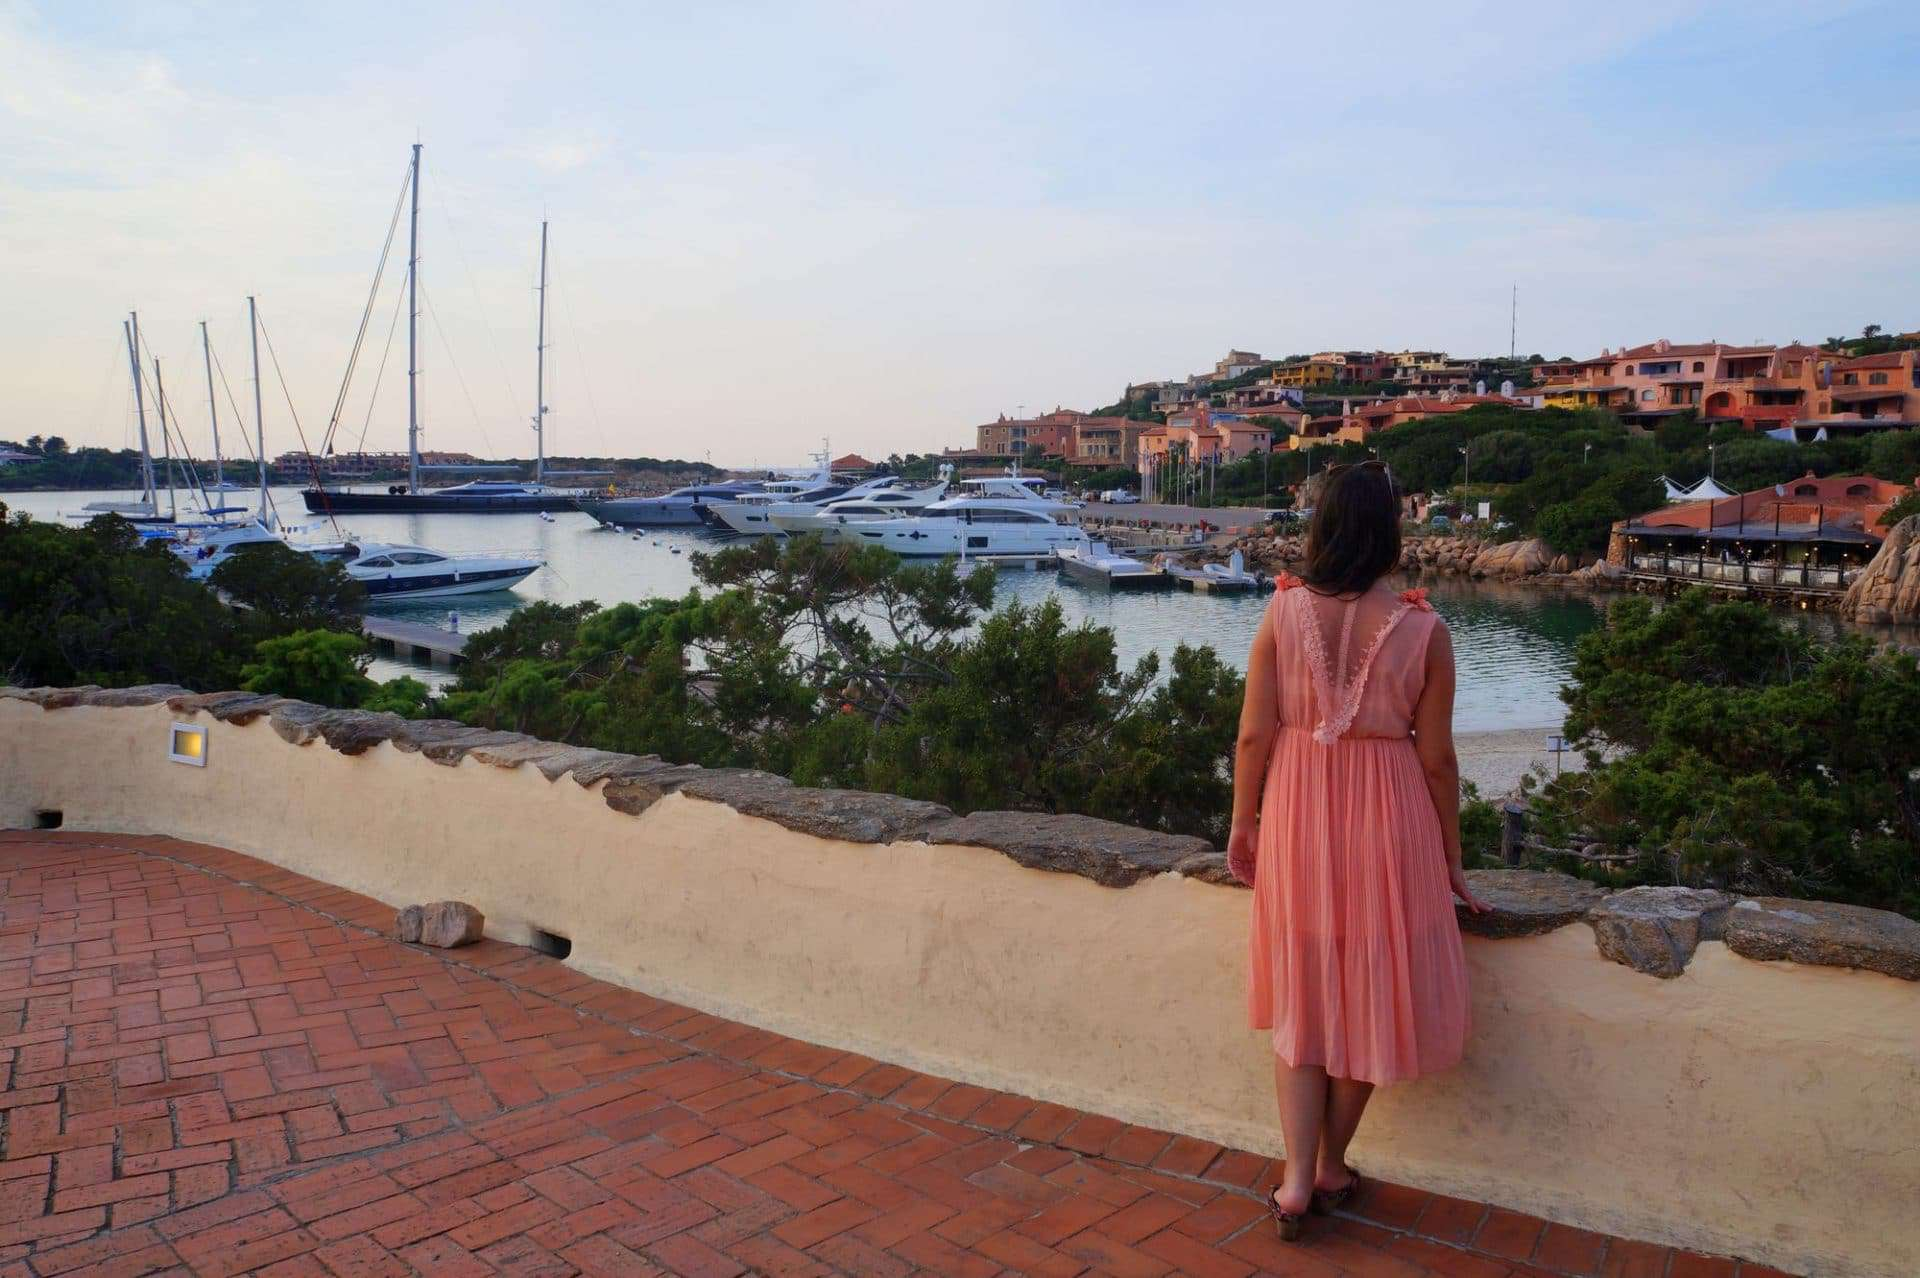 Cosa fare a Porto Cervo: un giorno da VIP in Costa Smeralda